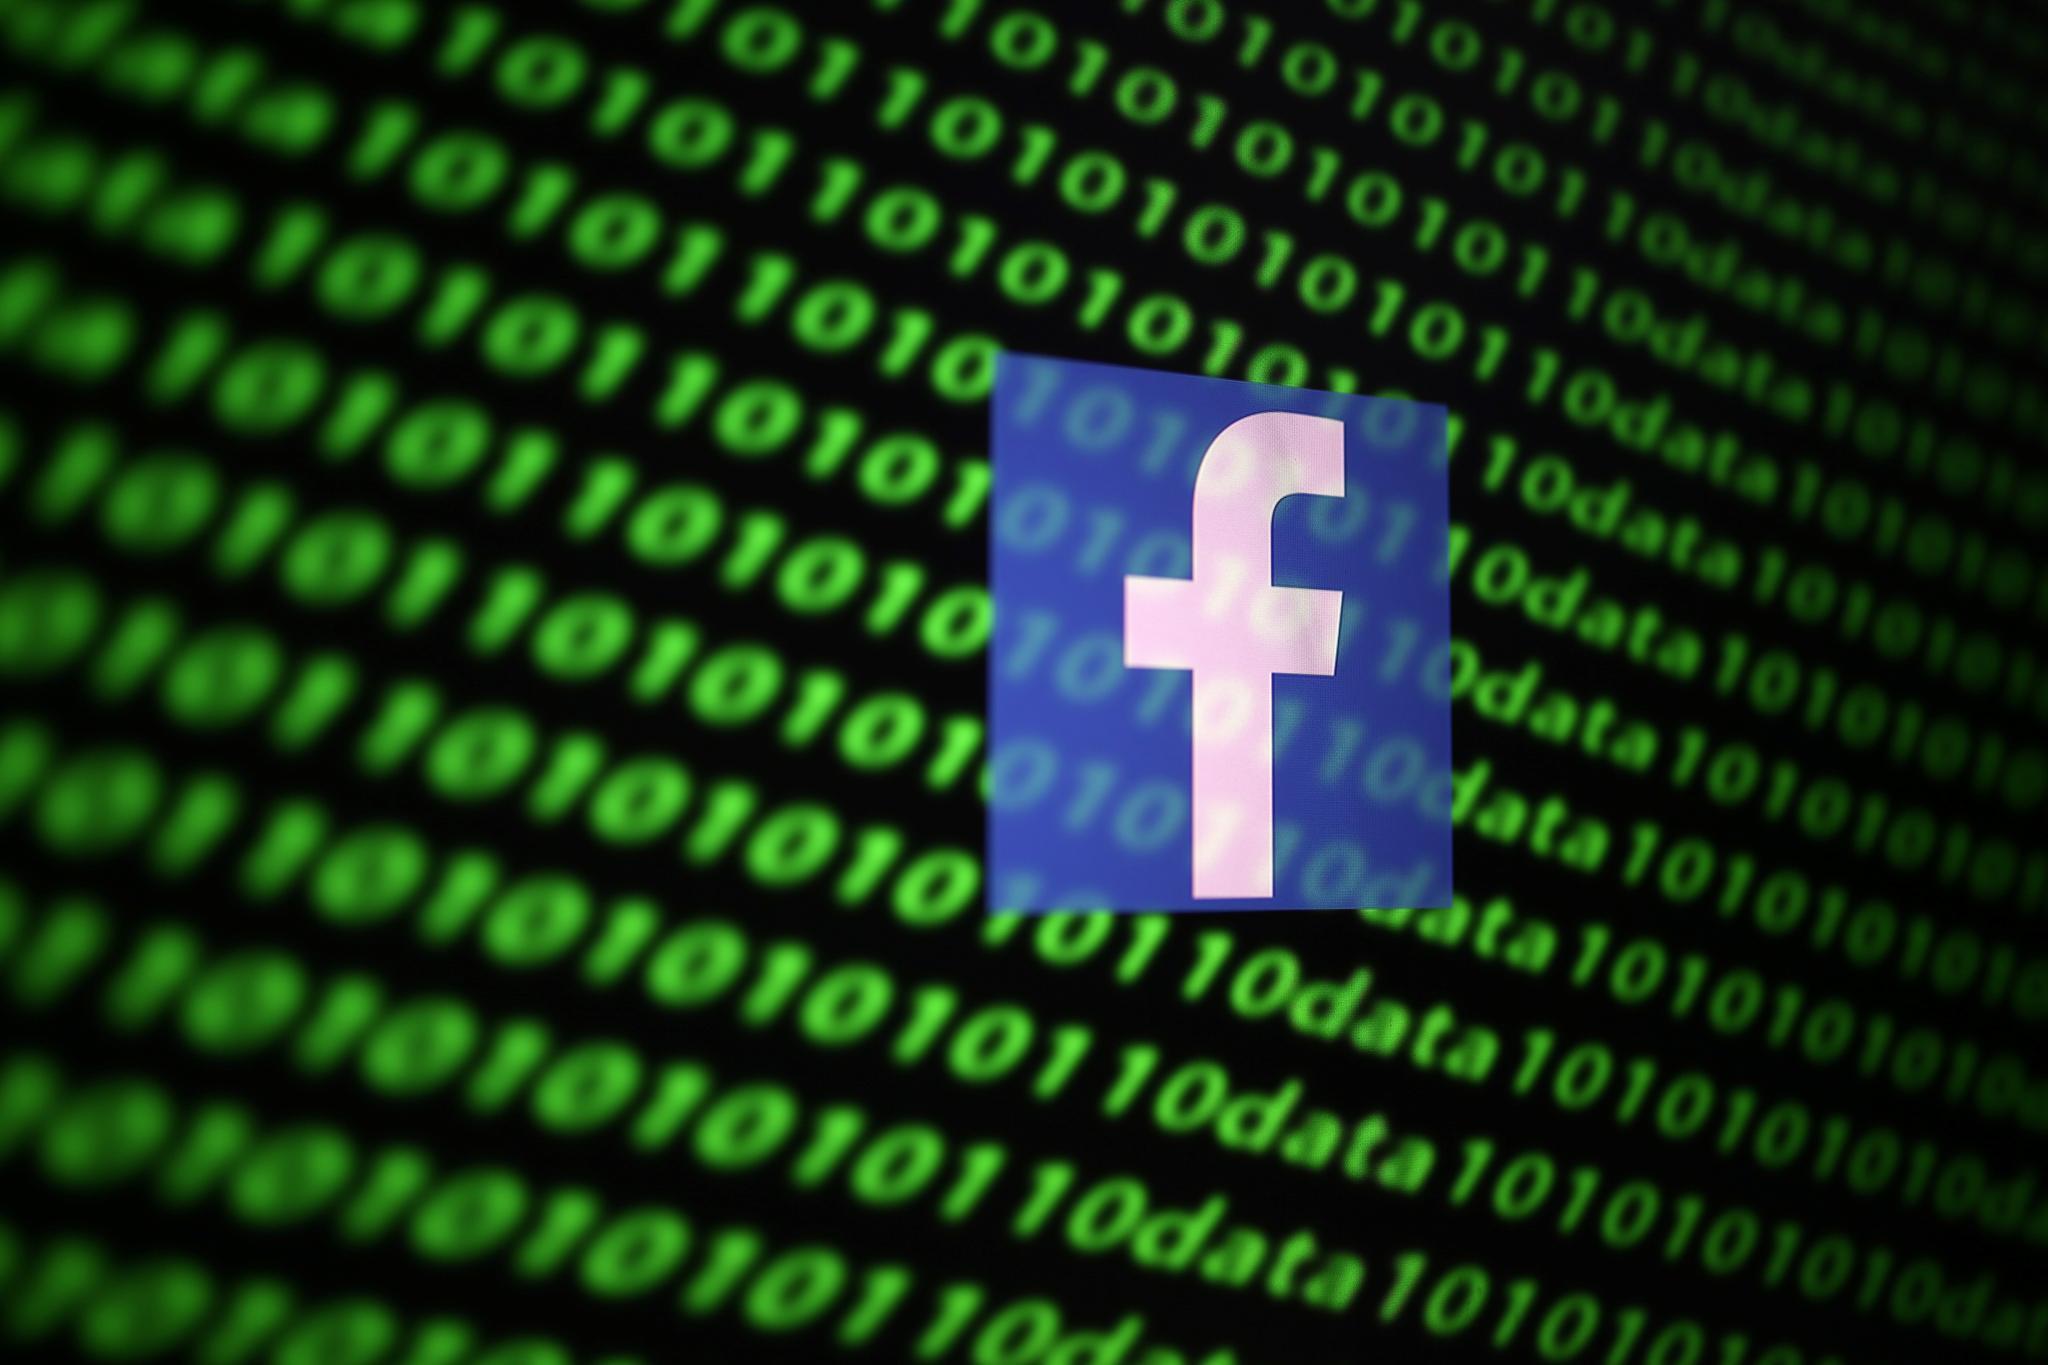 Facebook решила не уведомлять полмиллиарда пользователей об утечке их данных